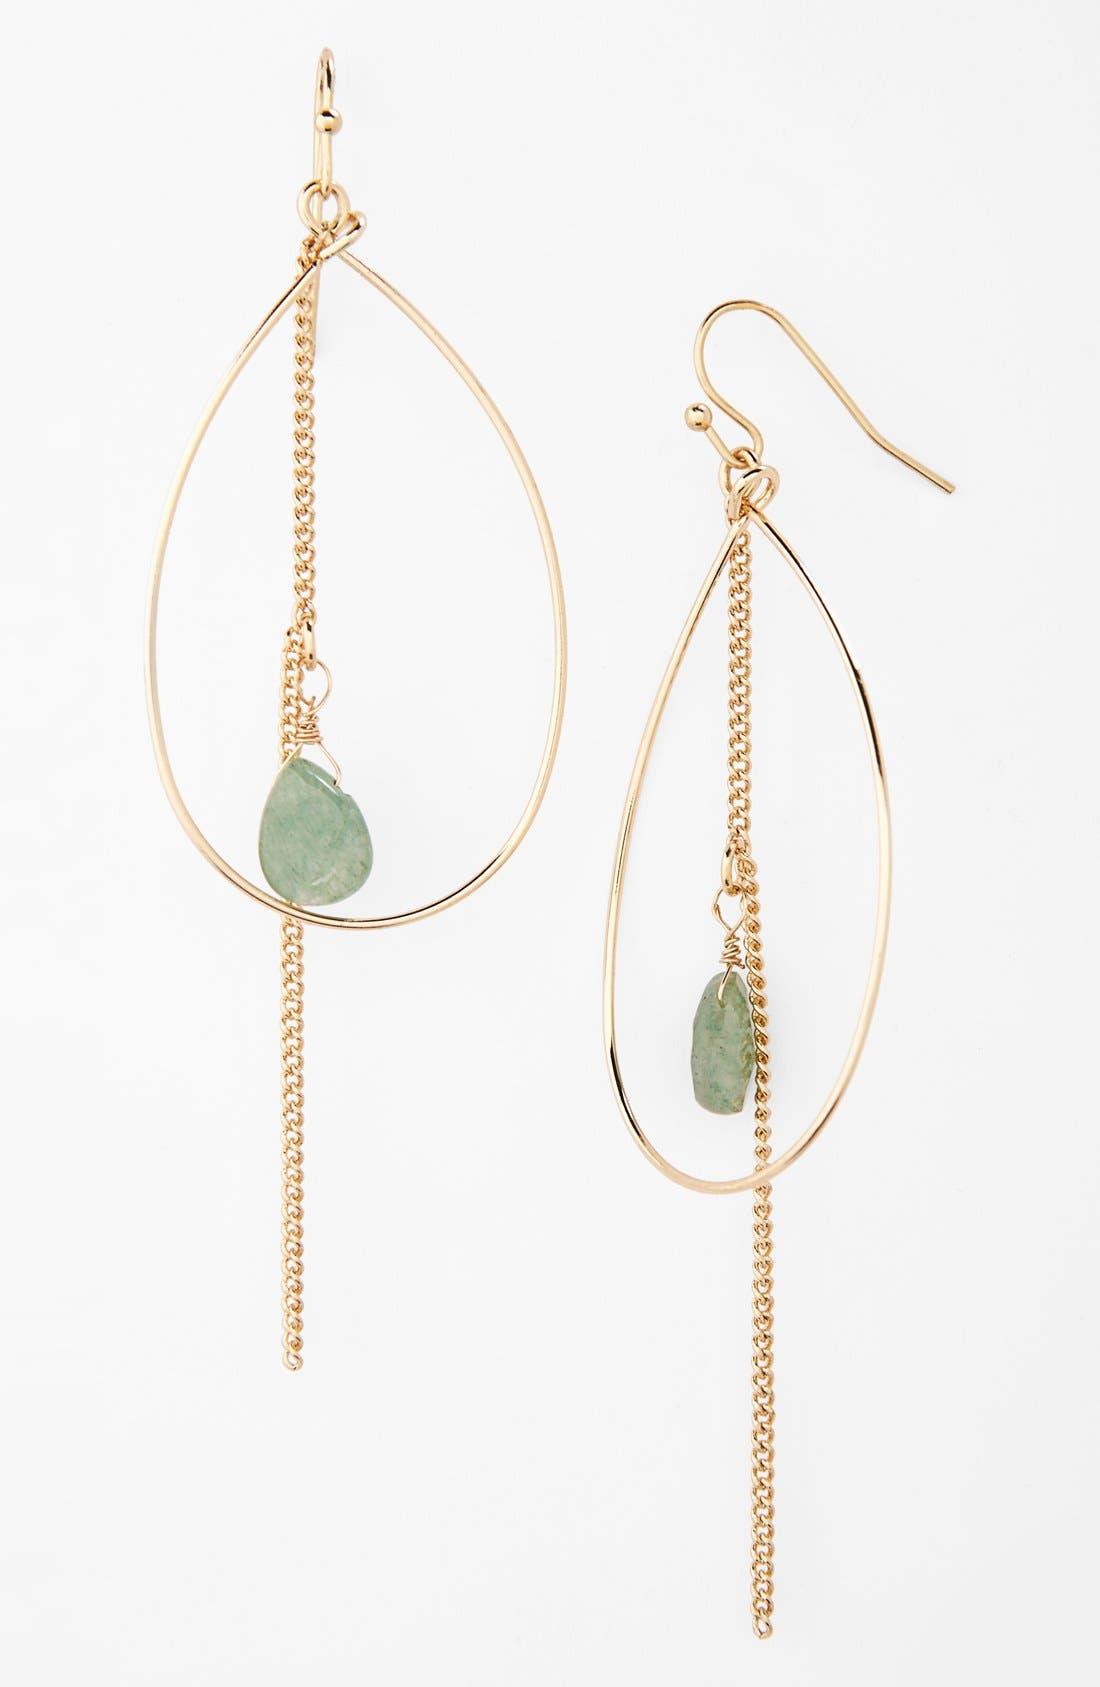 Alternate Image 1 Selected - BP. Stone & Hoop Drop Earrings